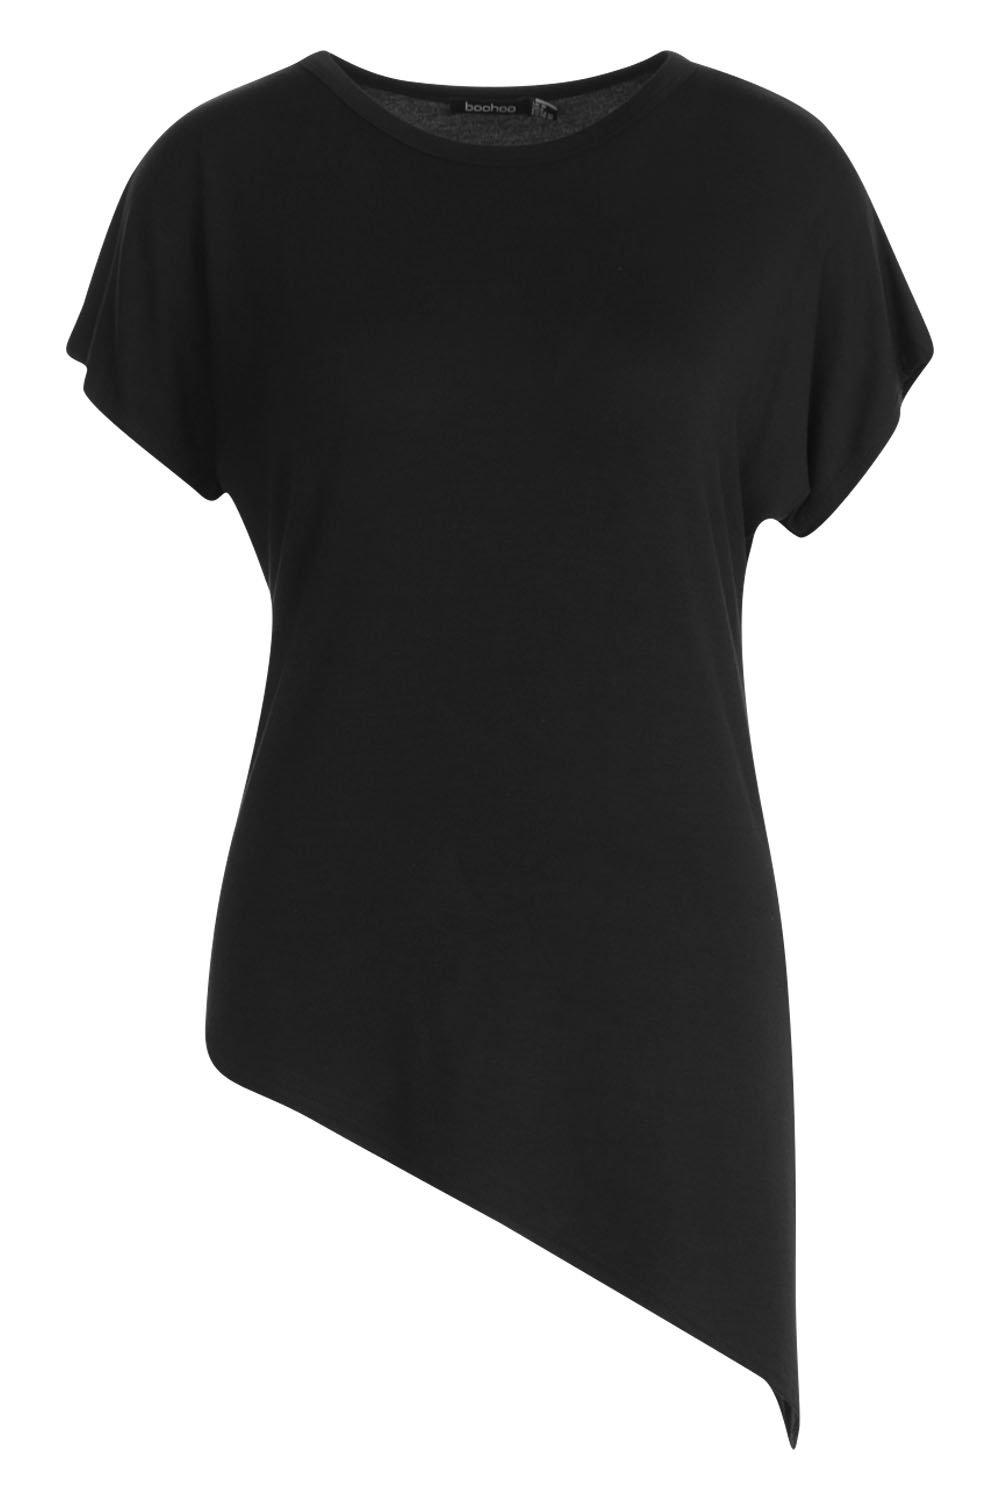 Camiseta negro asimétrica básica asimétrica asimétrica Camiseta básica Camiseta básica negro negro rtqrwSa